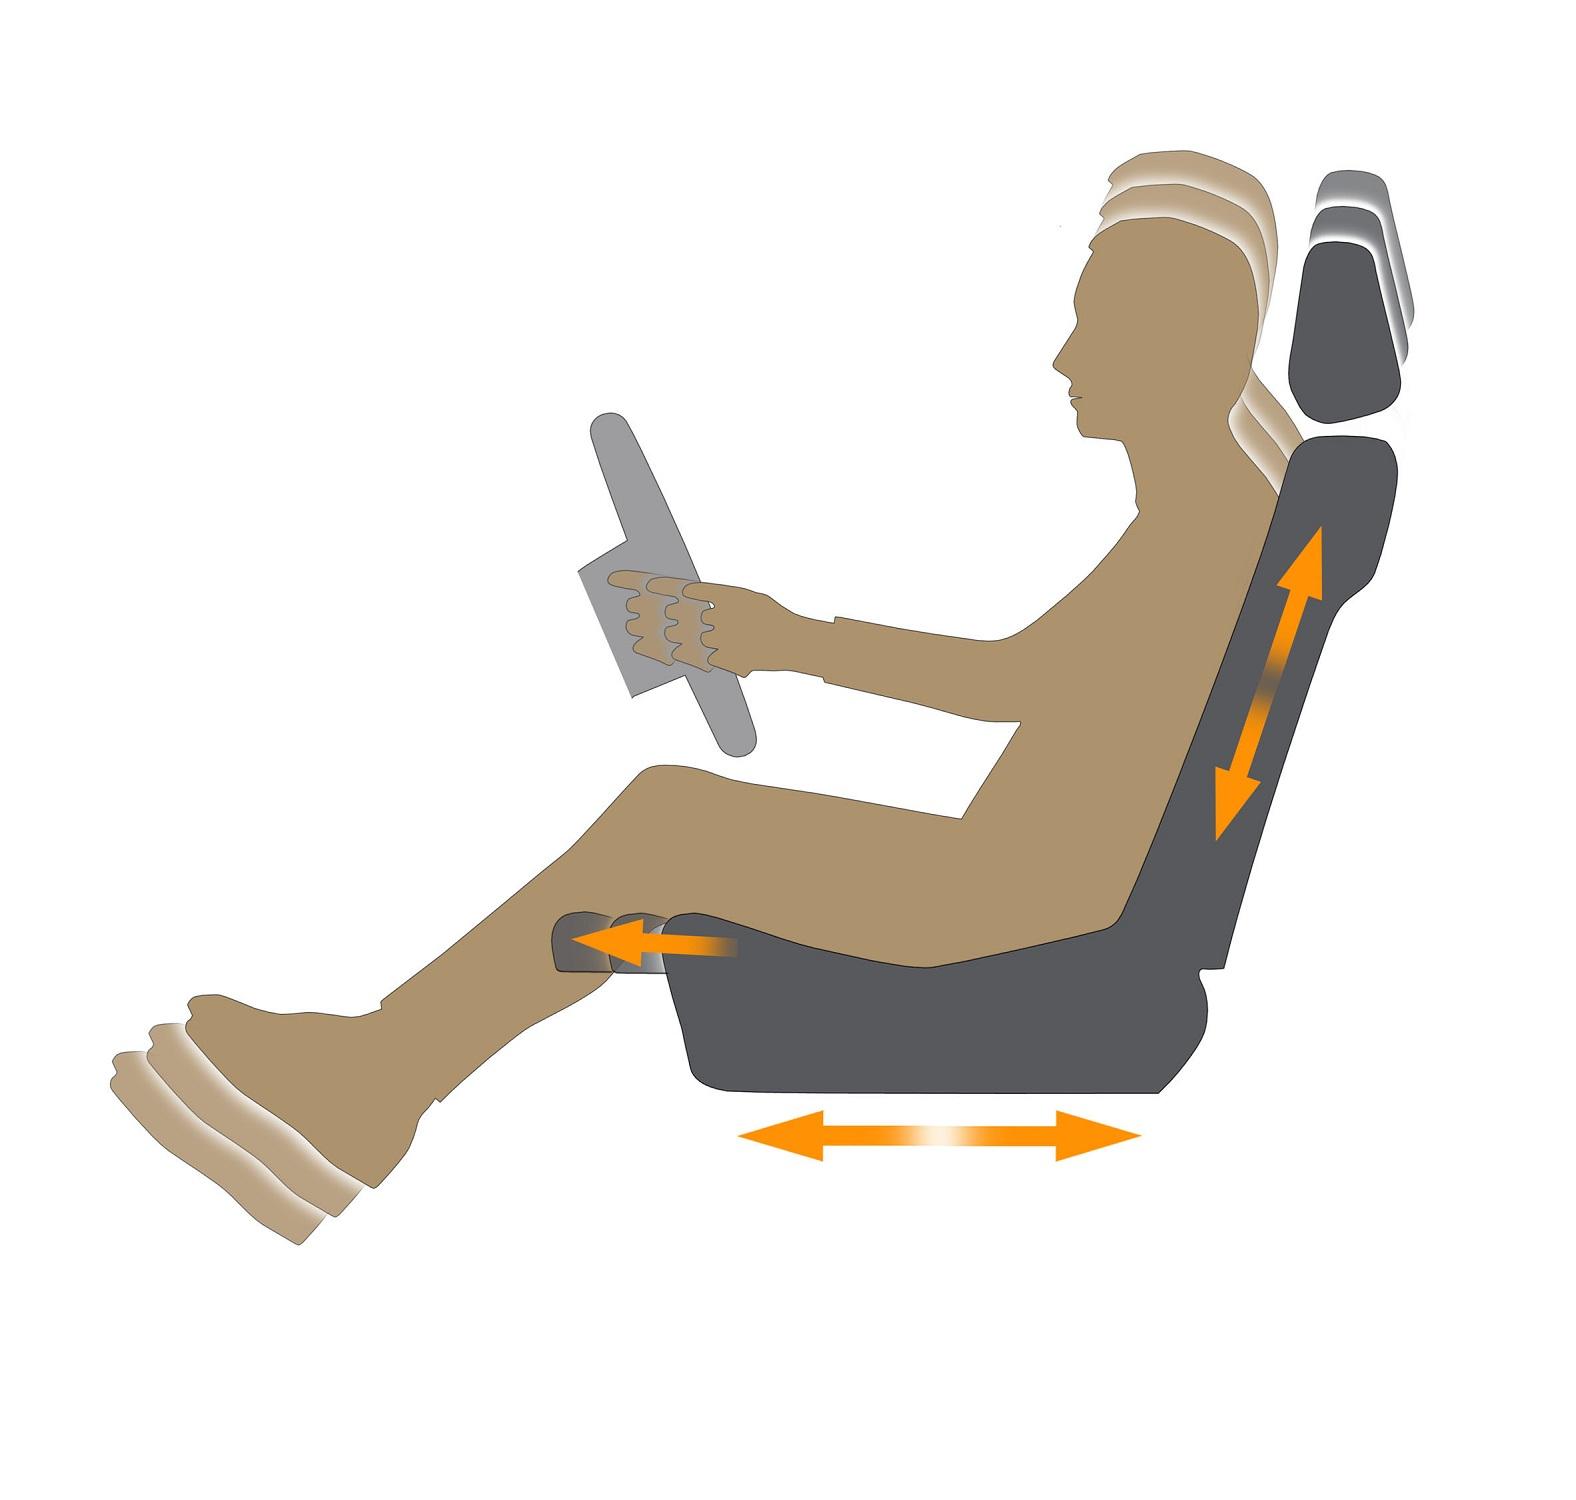 Opel's ergonomic seat